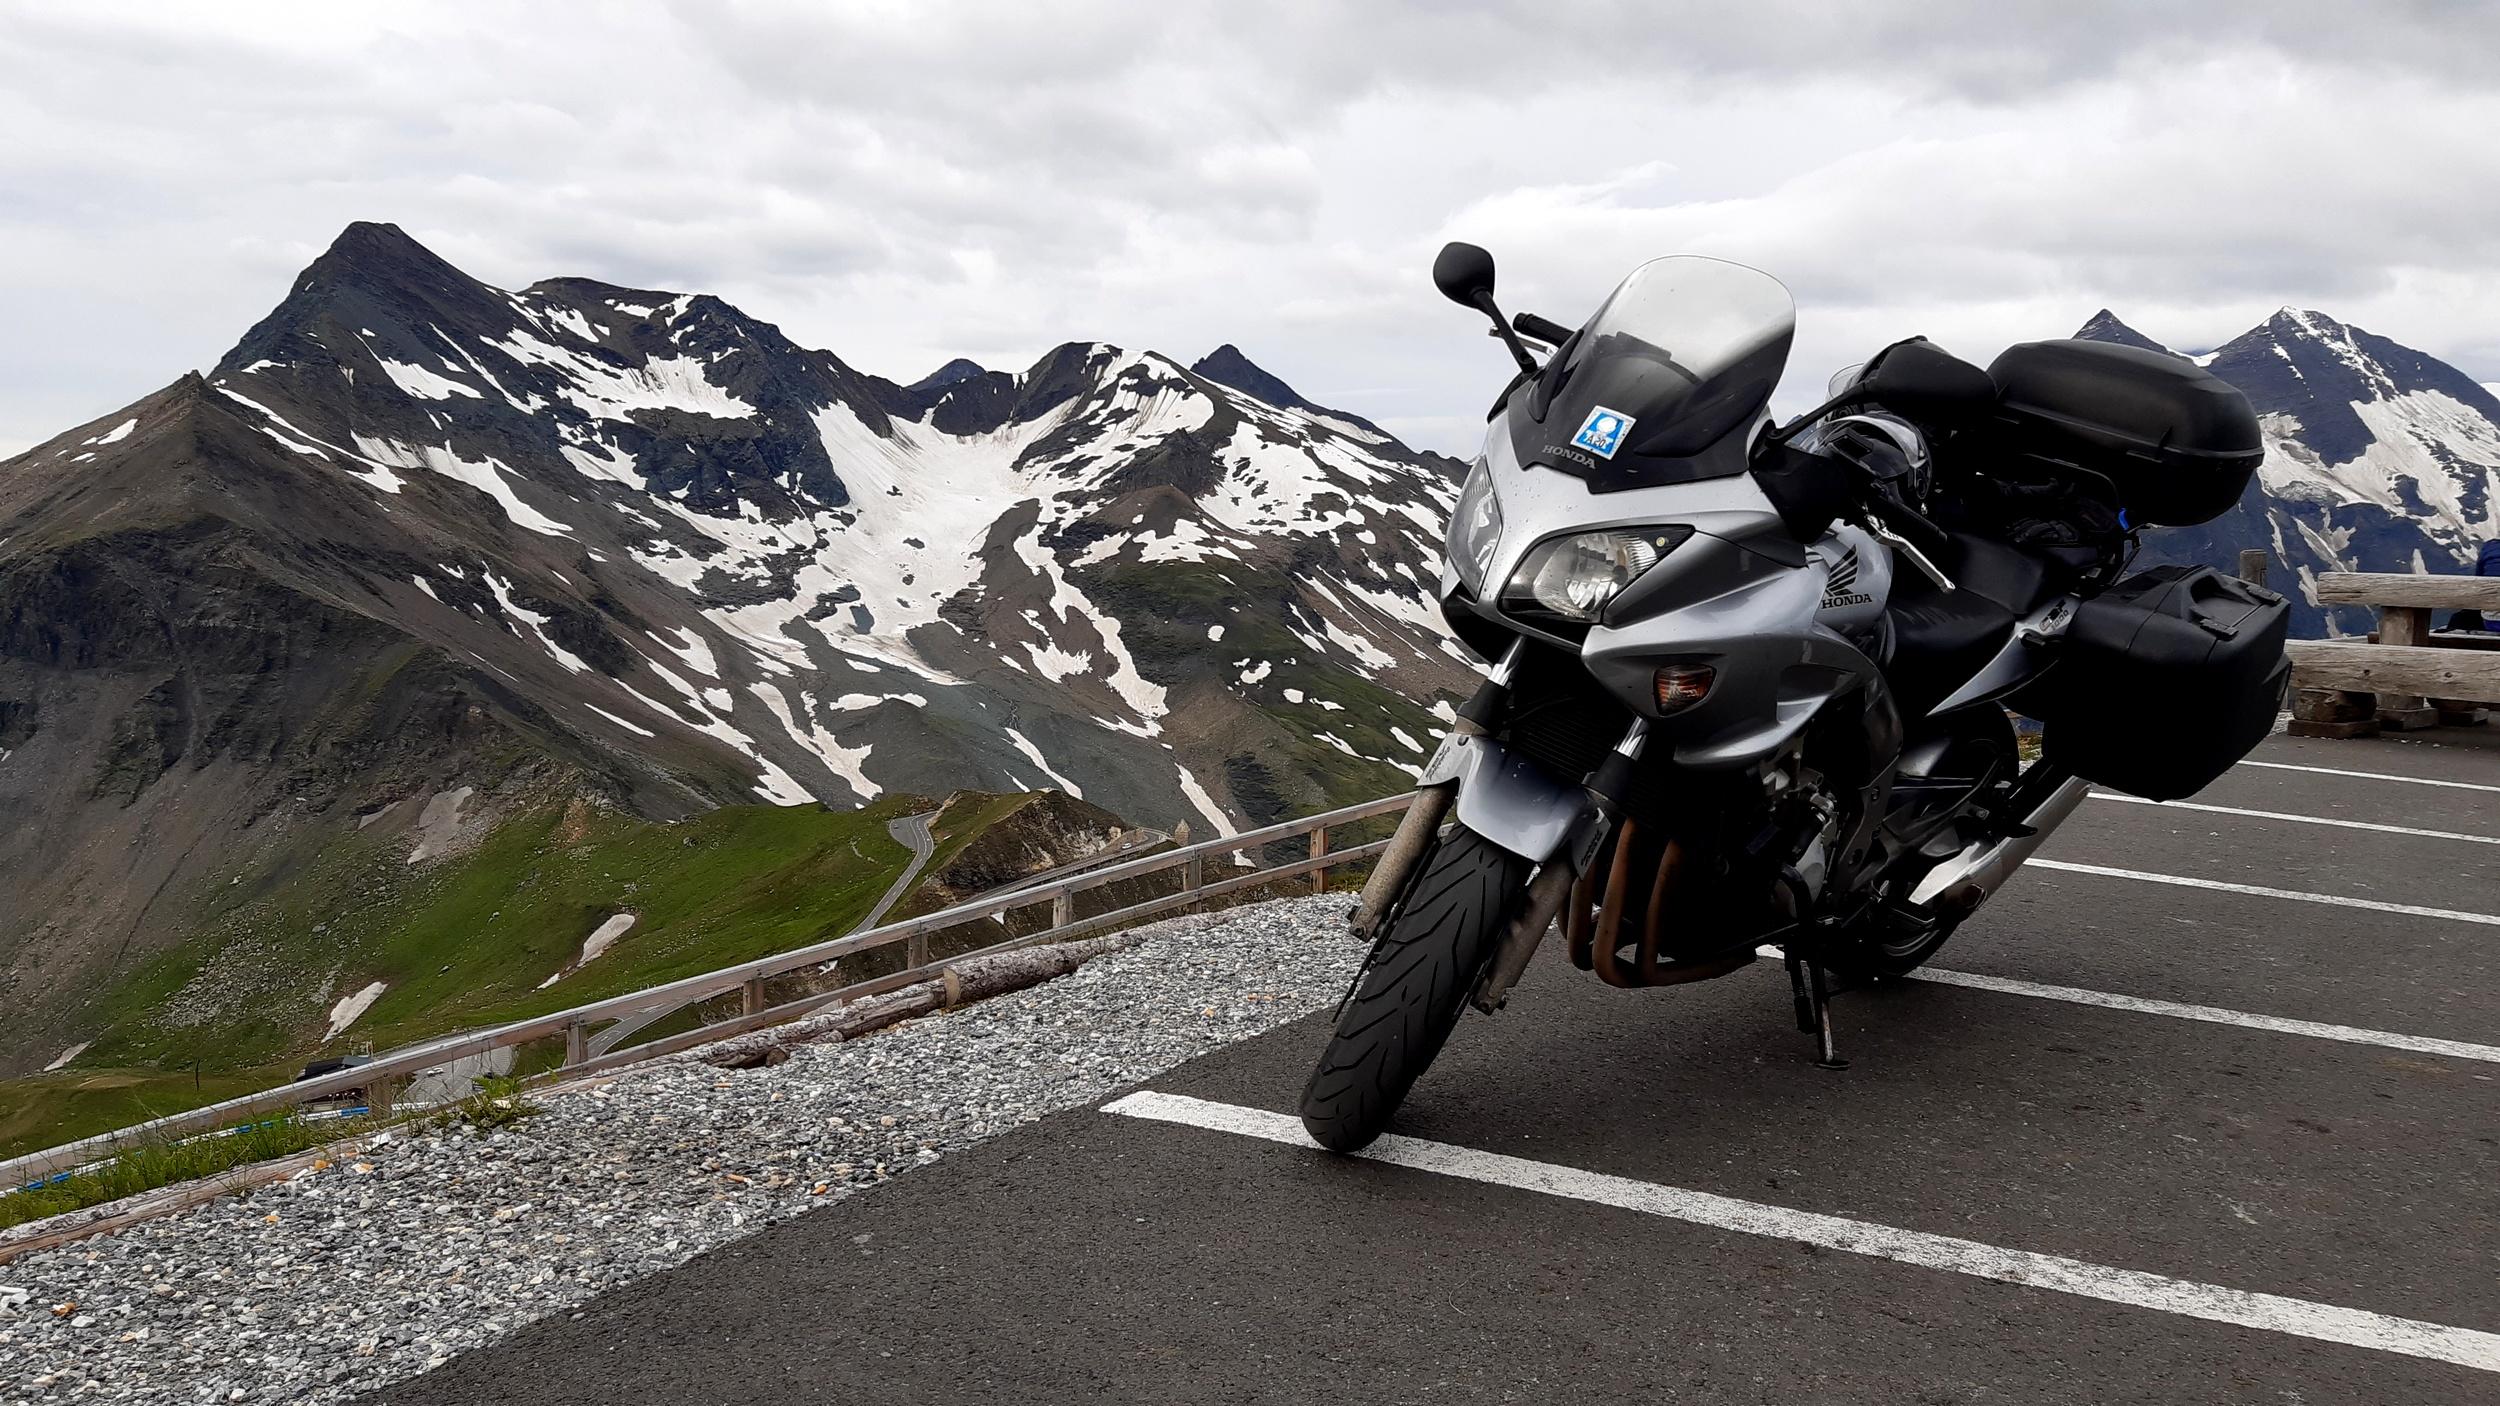 .: Moje przygody z motocyklami :.